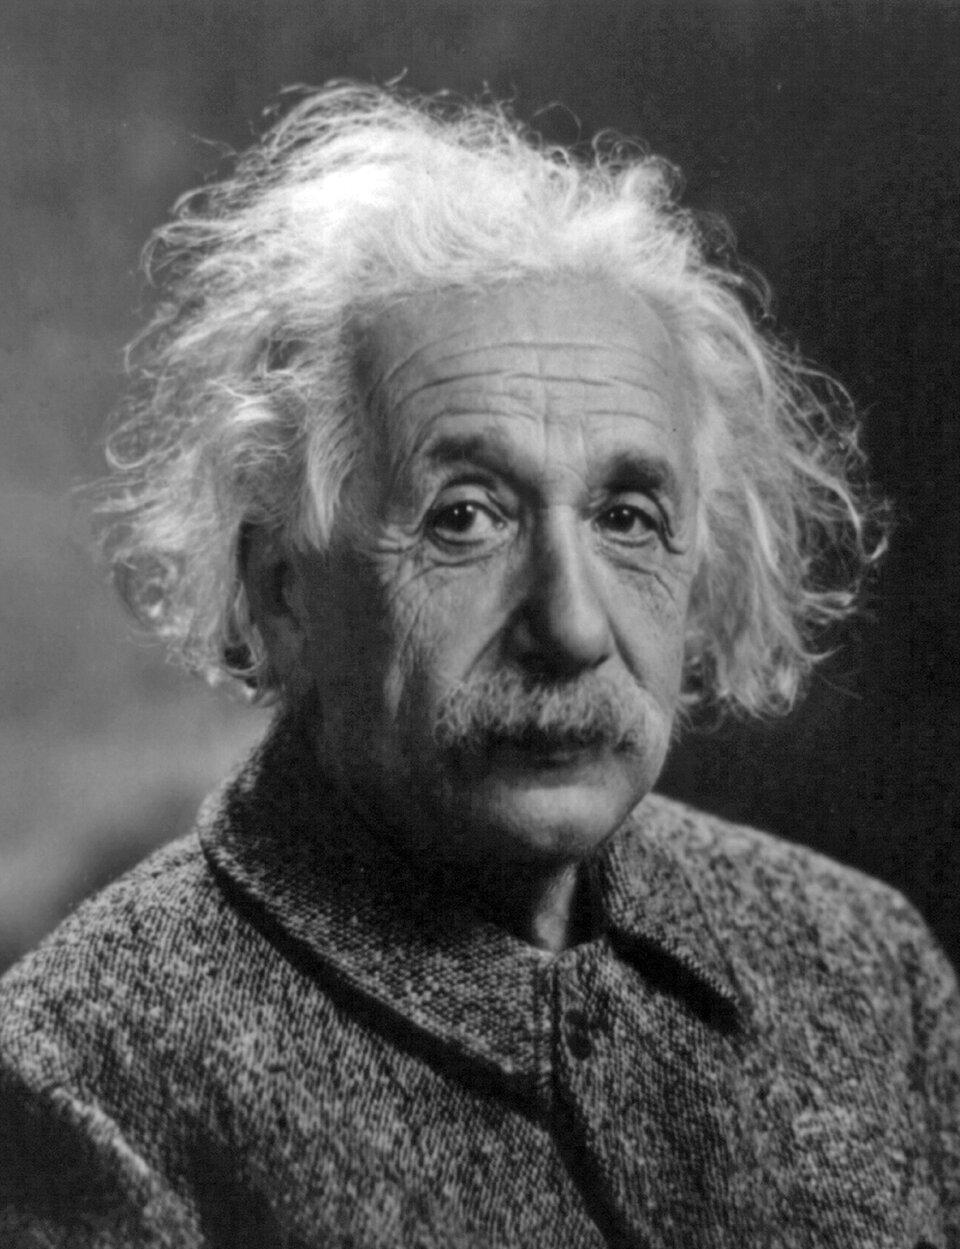 Zdjęcie przedstawia twarz iramiona uczonego Alberta Einsteina. Przeważają czarno białe iszare odcienie. Mężczyzna wwieku około siedemdziesiąt lat. Siwe dłuższe włosy swobodnie opadają ztyłu głowy. Włosy sięgają opuszków uszu. Czoło wysokie pokryte licznymi poziomymi zmarszczkami. Brwi bardzo wyraziste, krzaczaste iczarne. Powieki mocno opadają na oczy. Liczne zmarszczki otaczają oczy. Pod oczami widoczne workowate fałdy skóry. Nos duży iwyrazisty. Nos zaokrąglony na końcu. Duże gęste siwe wąsy. Twarz pokryta licznymi zmarszczkami. Mężczyzna ubrany wciemną marynarkę.